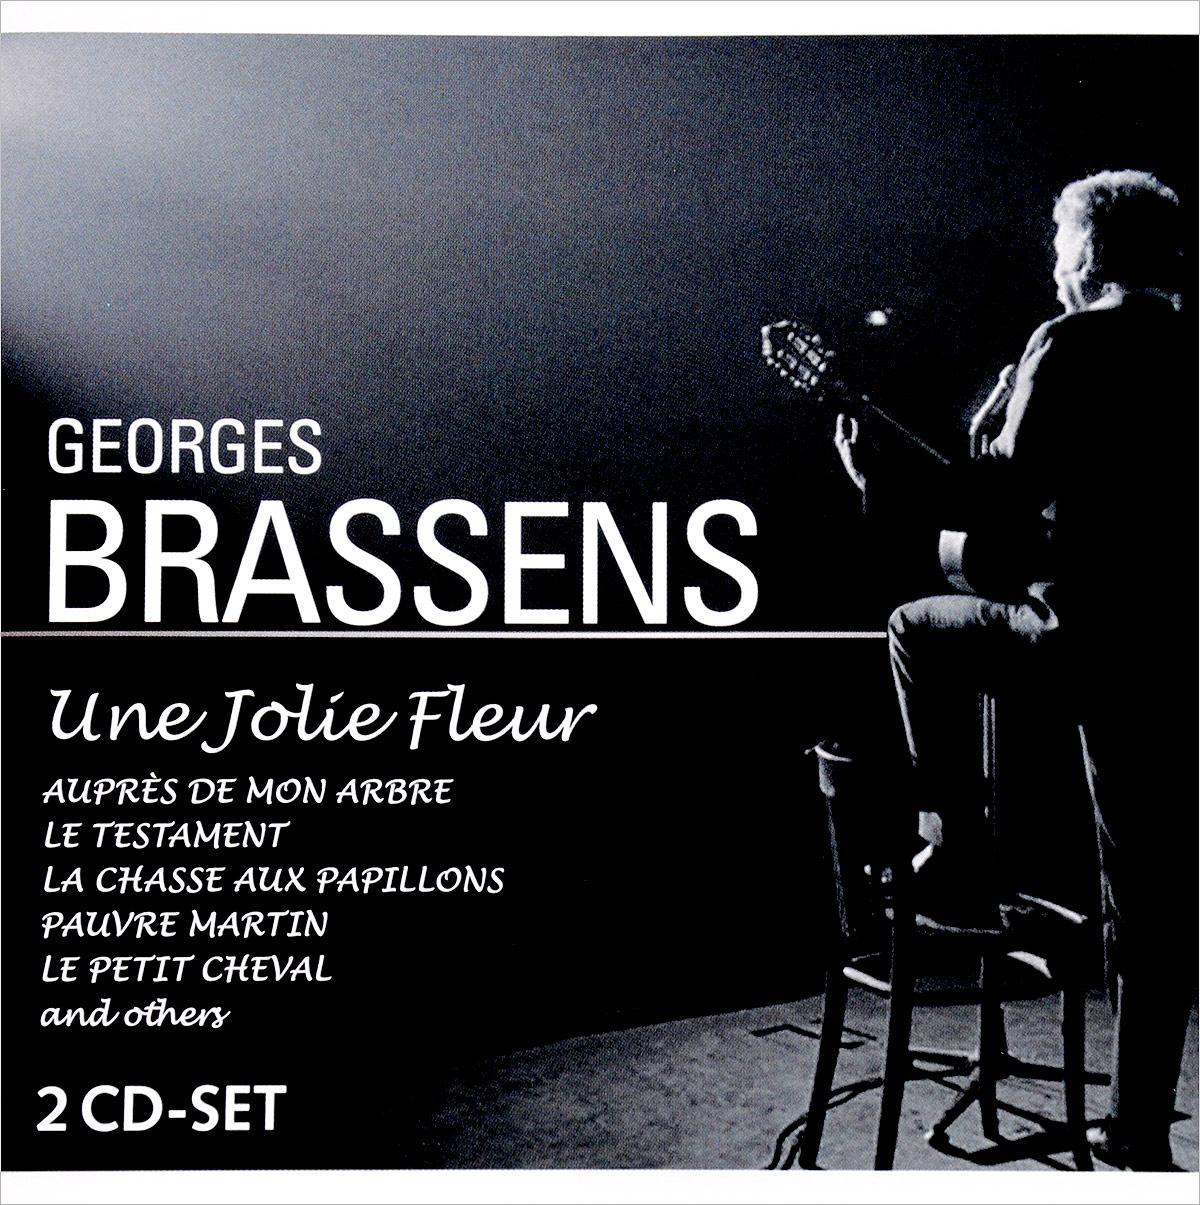 George Brassens. Une Jolie Fleur (2 CD) george brassens une jolie fleur 2 cd